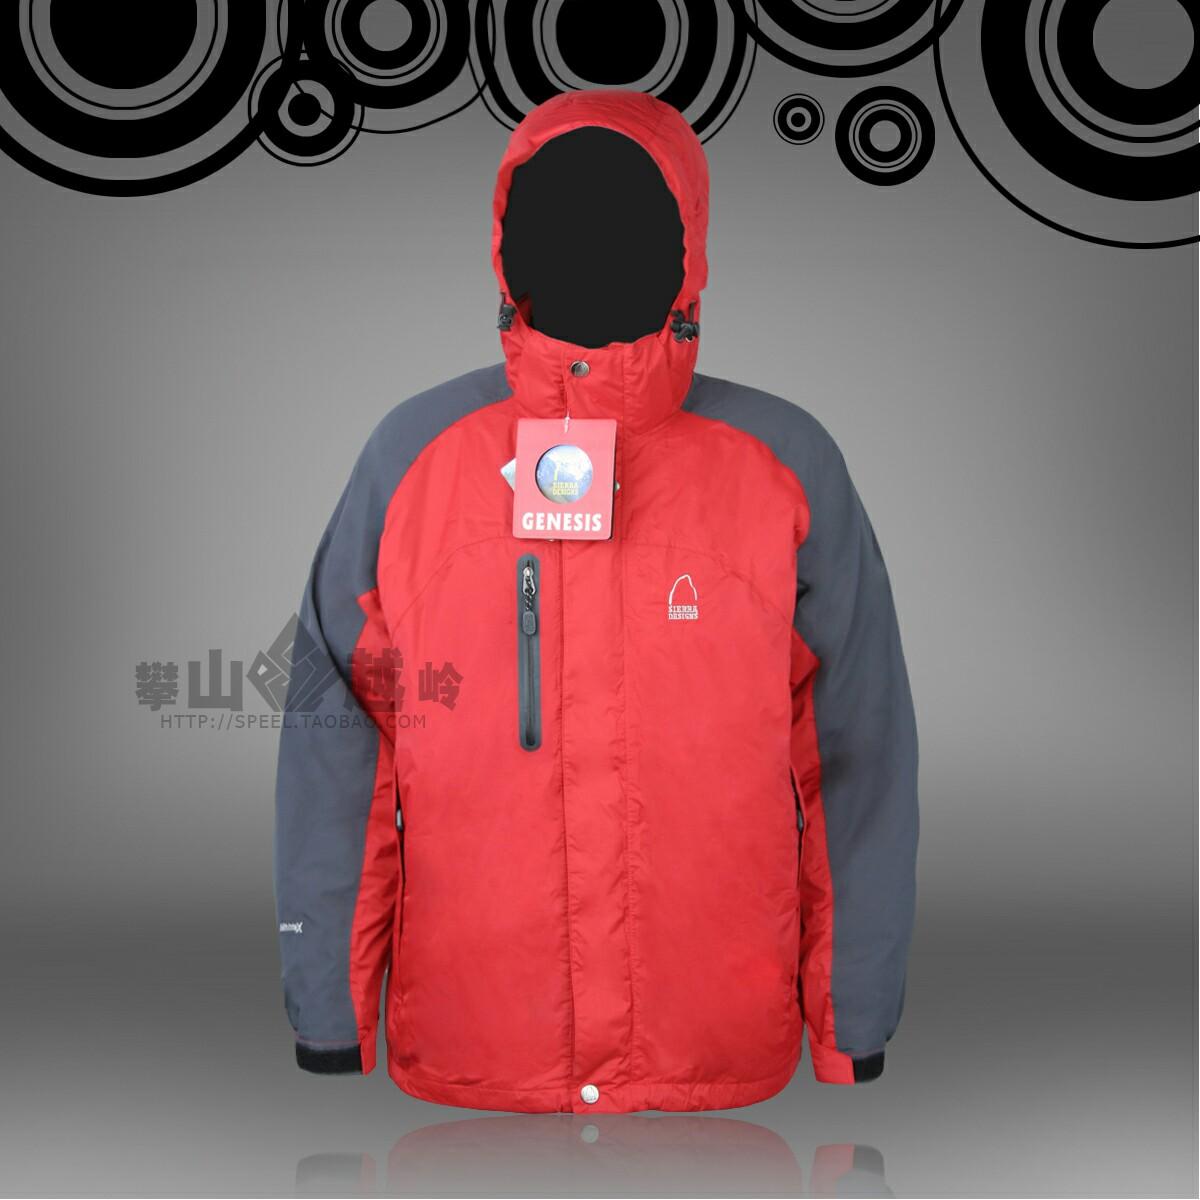 куртка Sierra designs e034h # E034H Sierra designs/SD Ridge 2010 Китай Белый лебяжий пух Против ветра, Водонепроницаемая, Воздухопроницаемые, Износостойкая, Удерживающая тепло